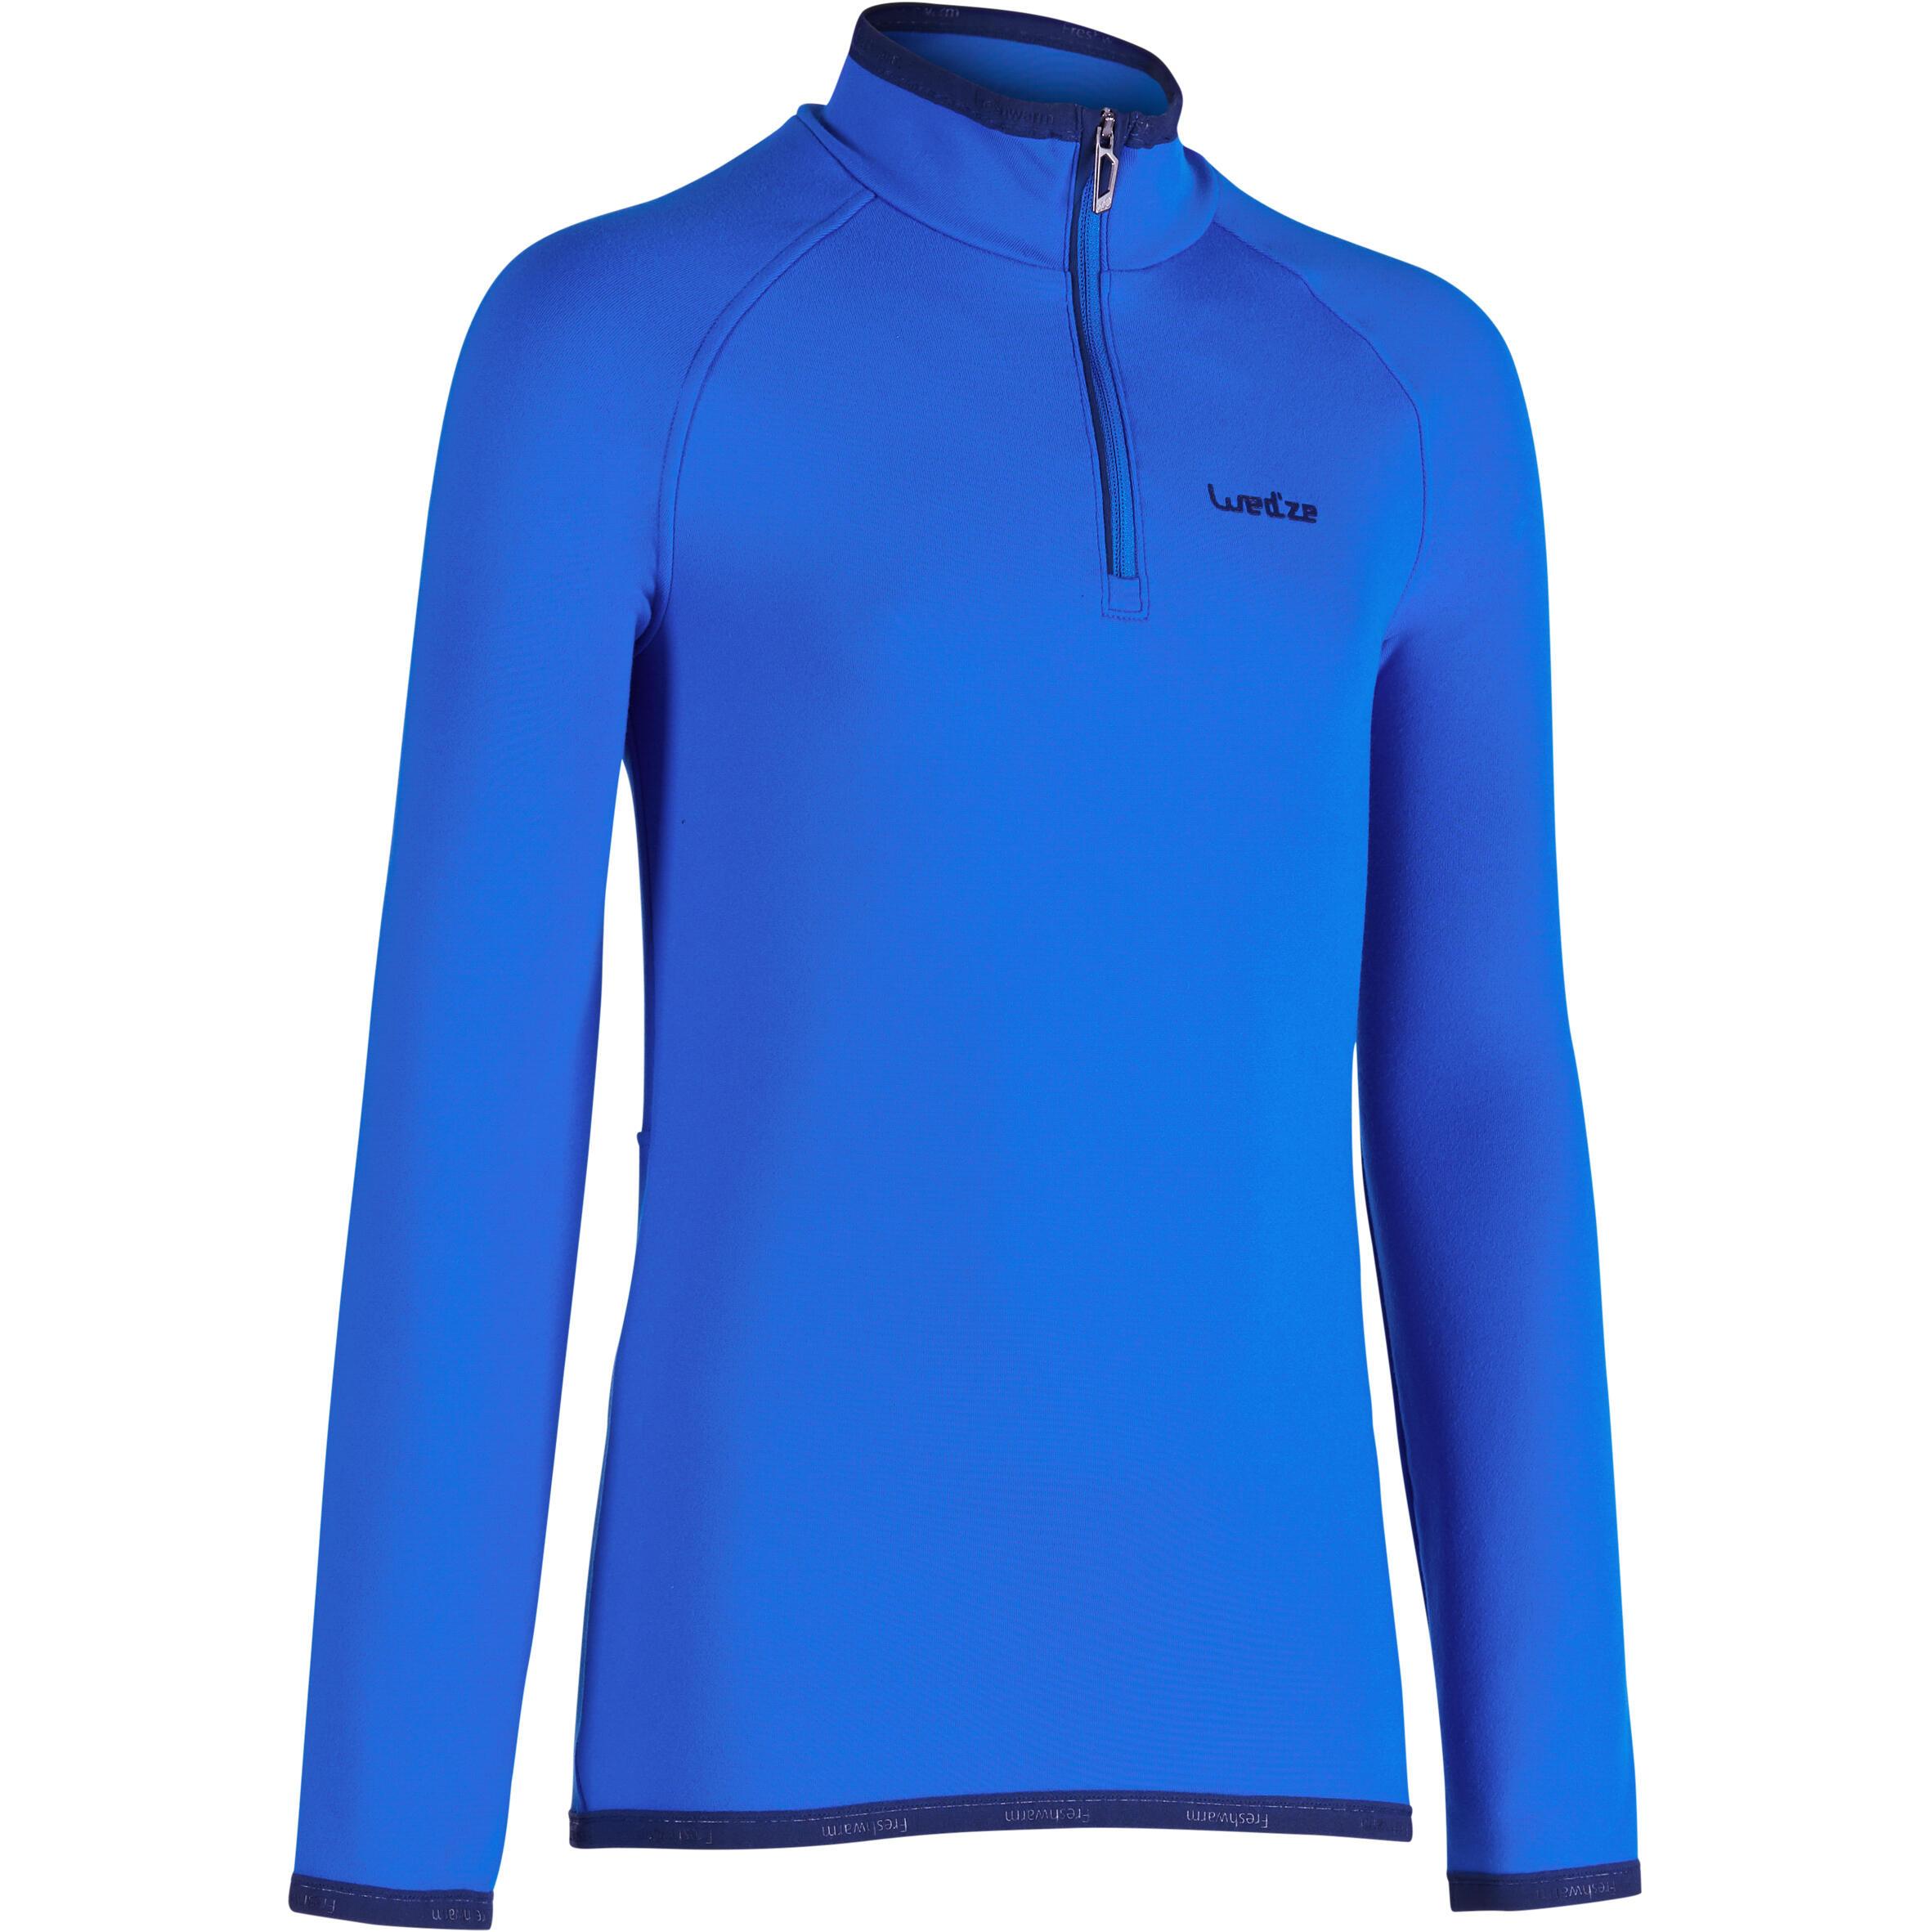 Sous-vêtement haut de ski enfant Frais et chaud 1/2 glissière Bleu